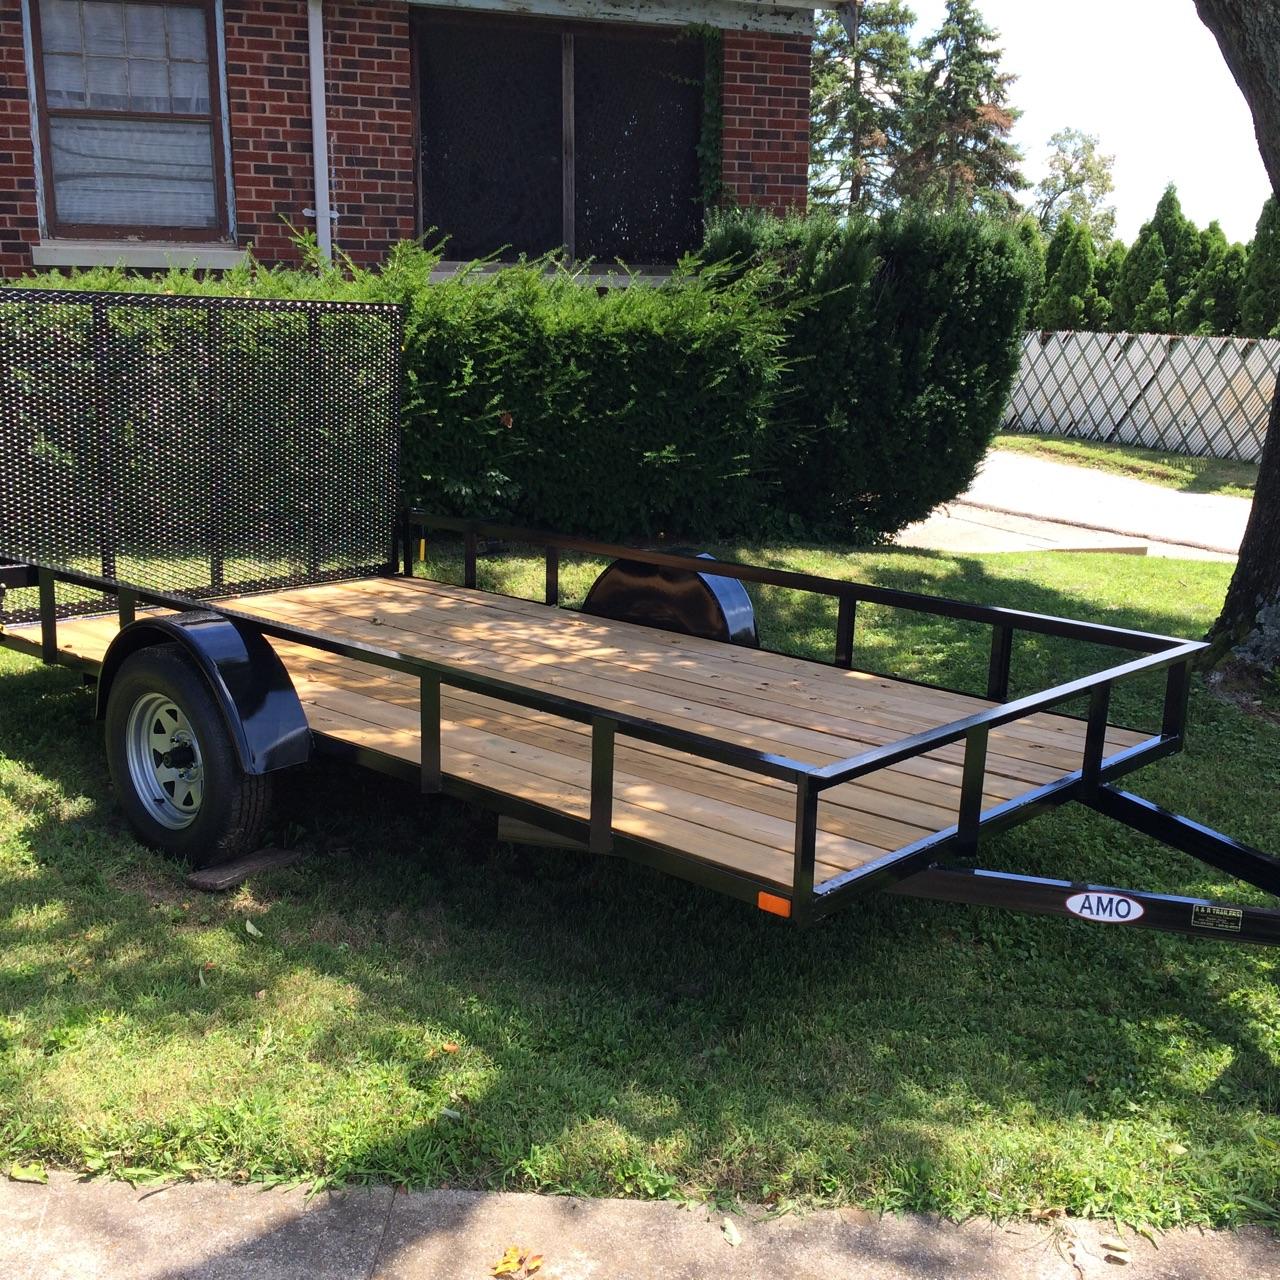 6x12 AMO Utility trailer